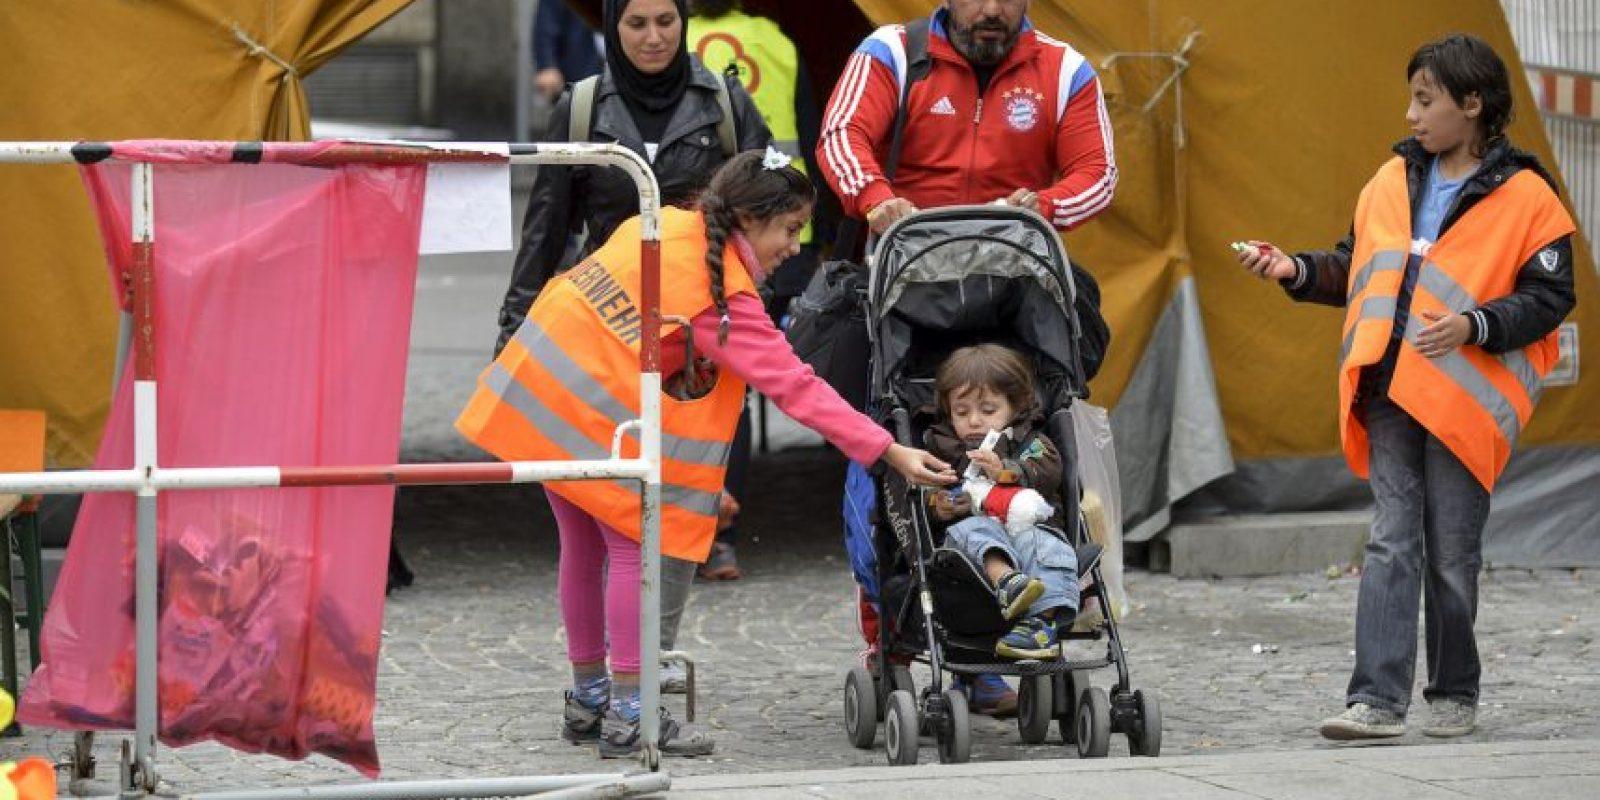 La mayoría de los refugiados buscan llegar a Alemania. Foto:Getty Images